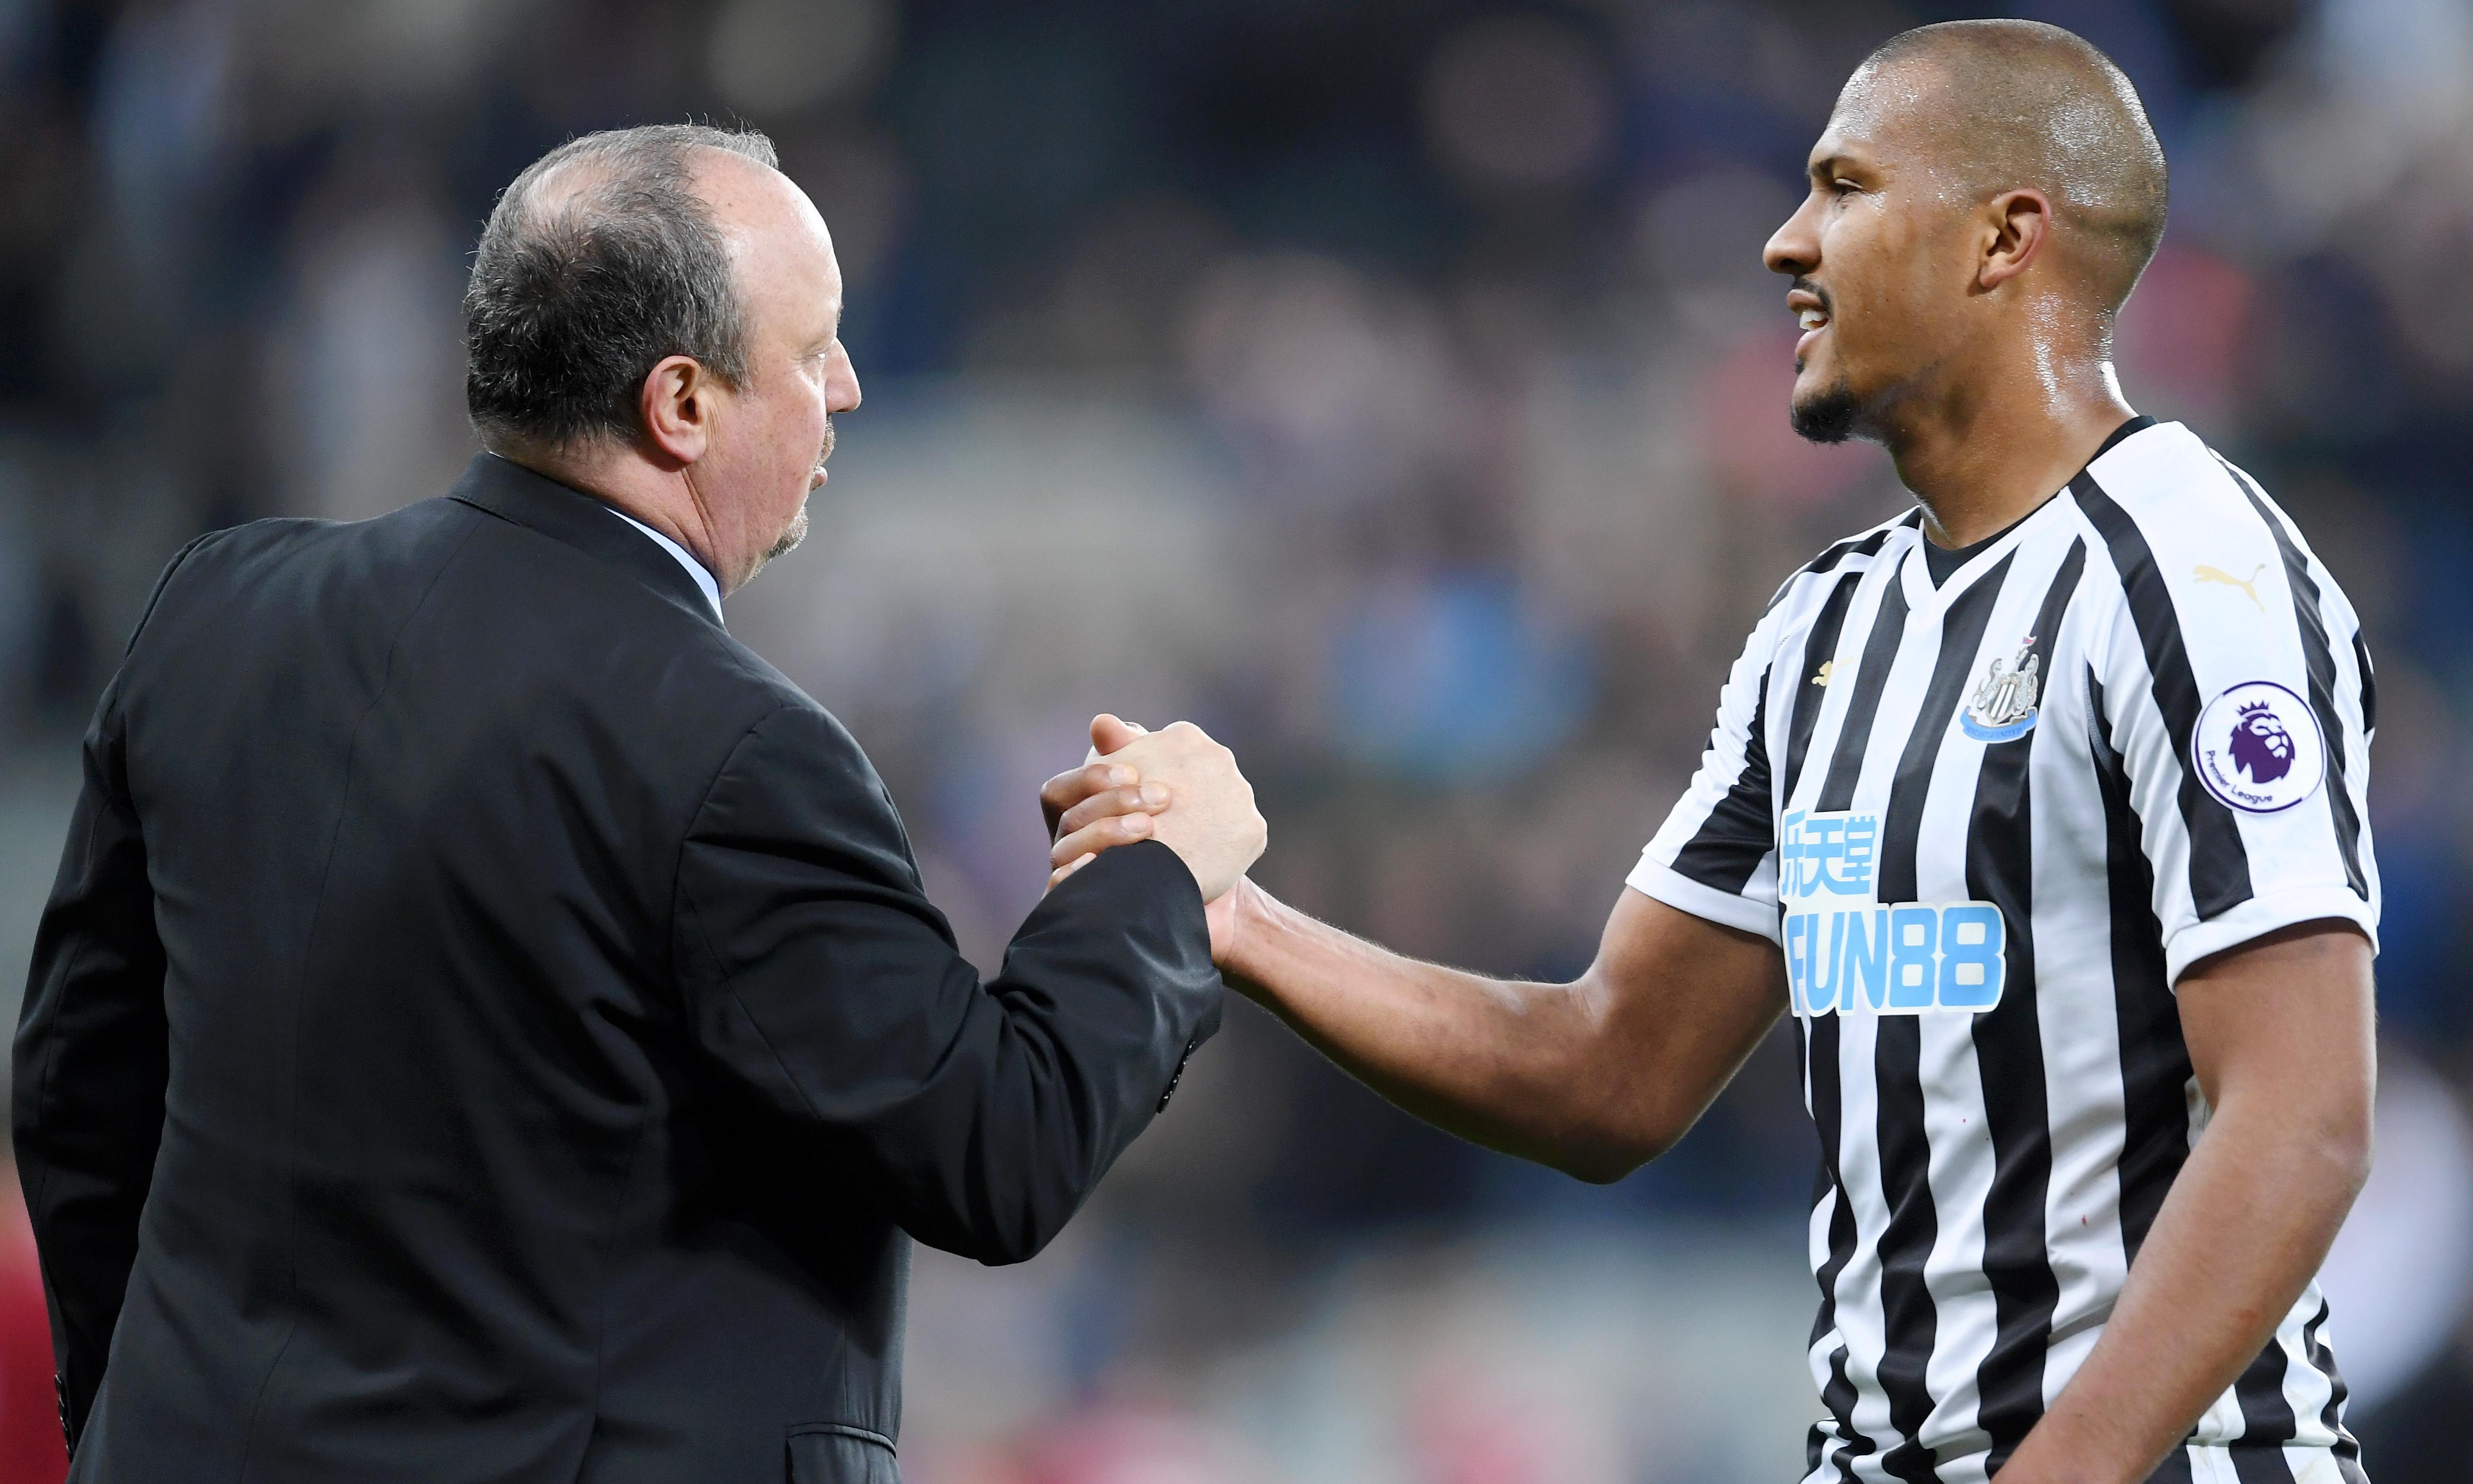 Rafael Benítez presses Mike Ashley to change Newcastle's transfer policy